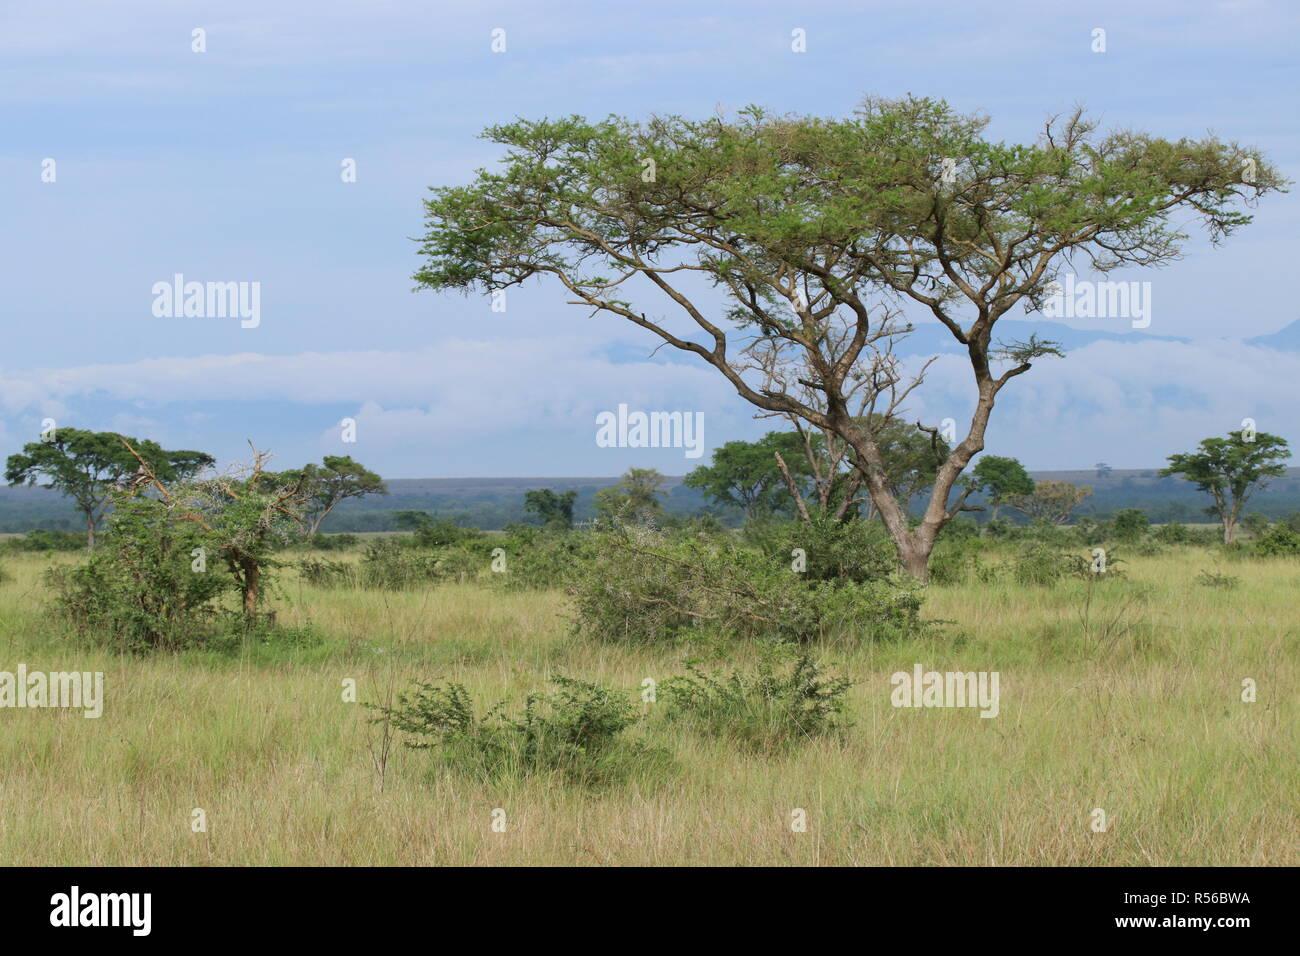 Landschaft Sawanne im Ishasha Nationalpark Uganda Ostafrika - Stock Image